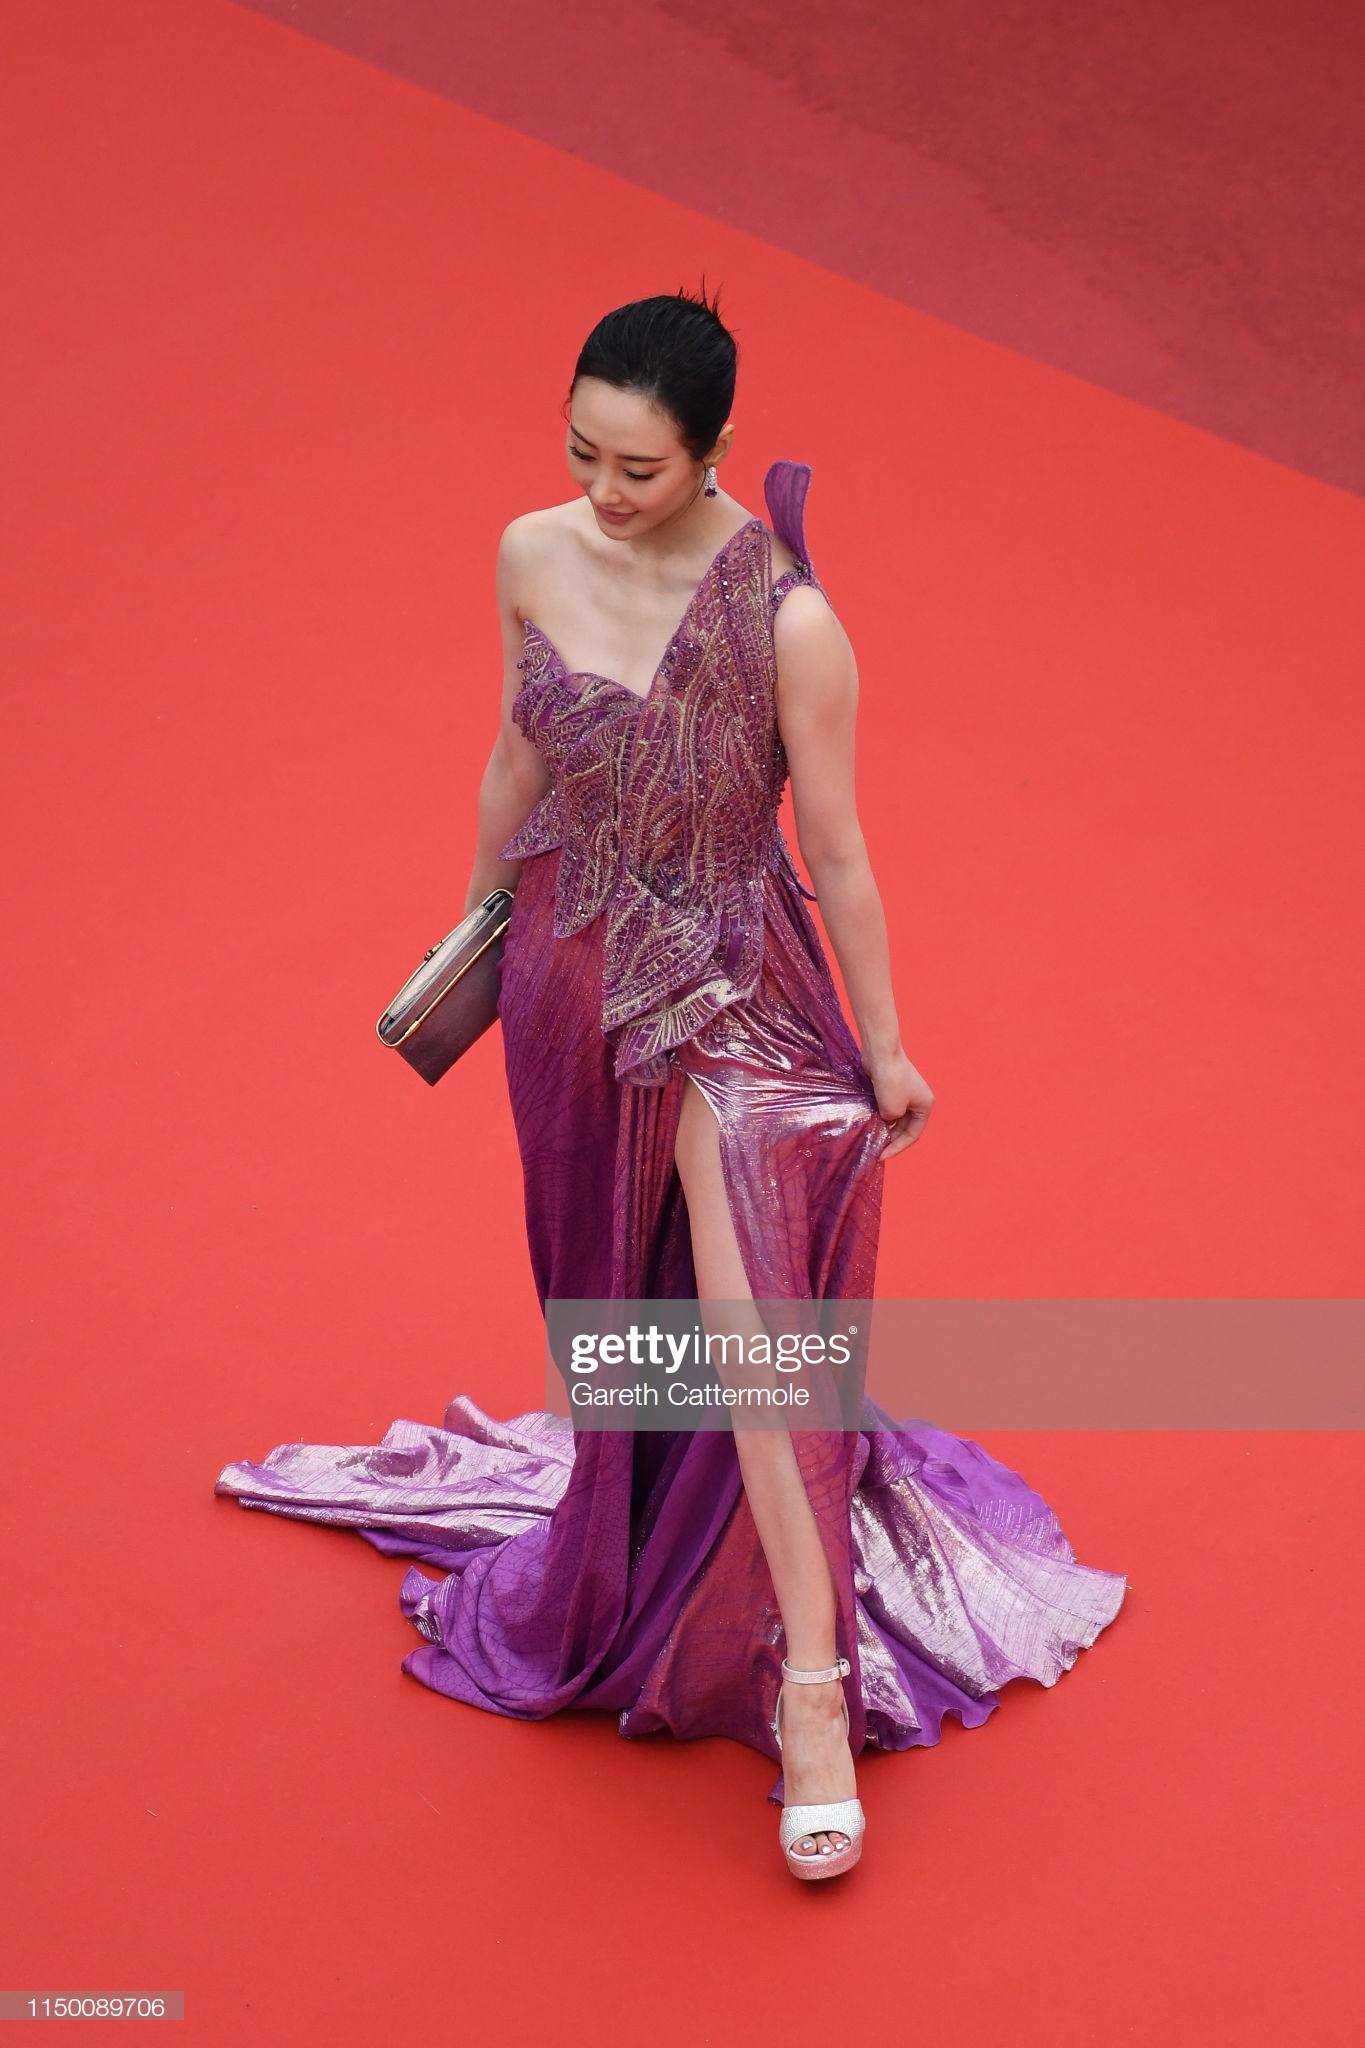 Thảm đỏ Cannes nhường spotlight cho Nick Jonas cung phụng Hoa hậu, Sui He gây sốc như không mặc gì - Ảnh 22.